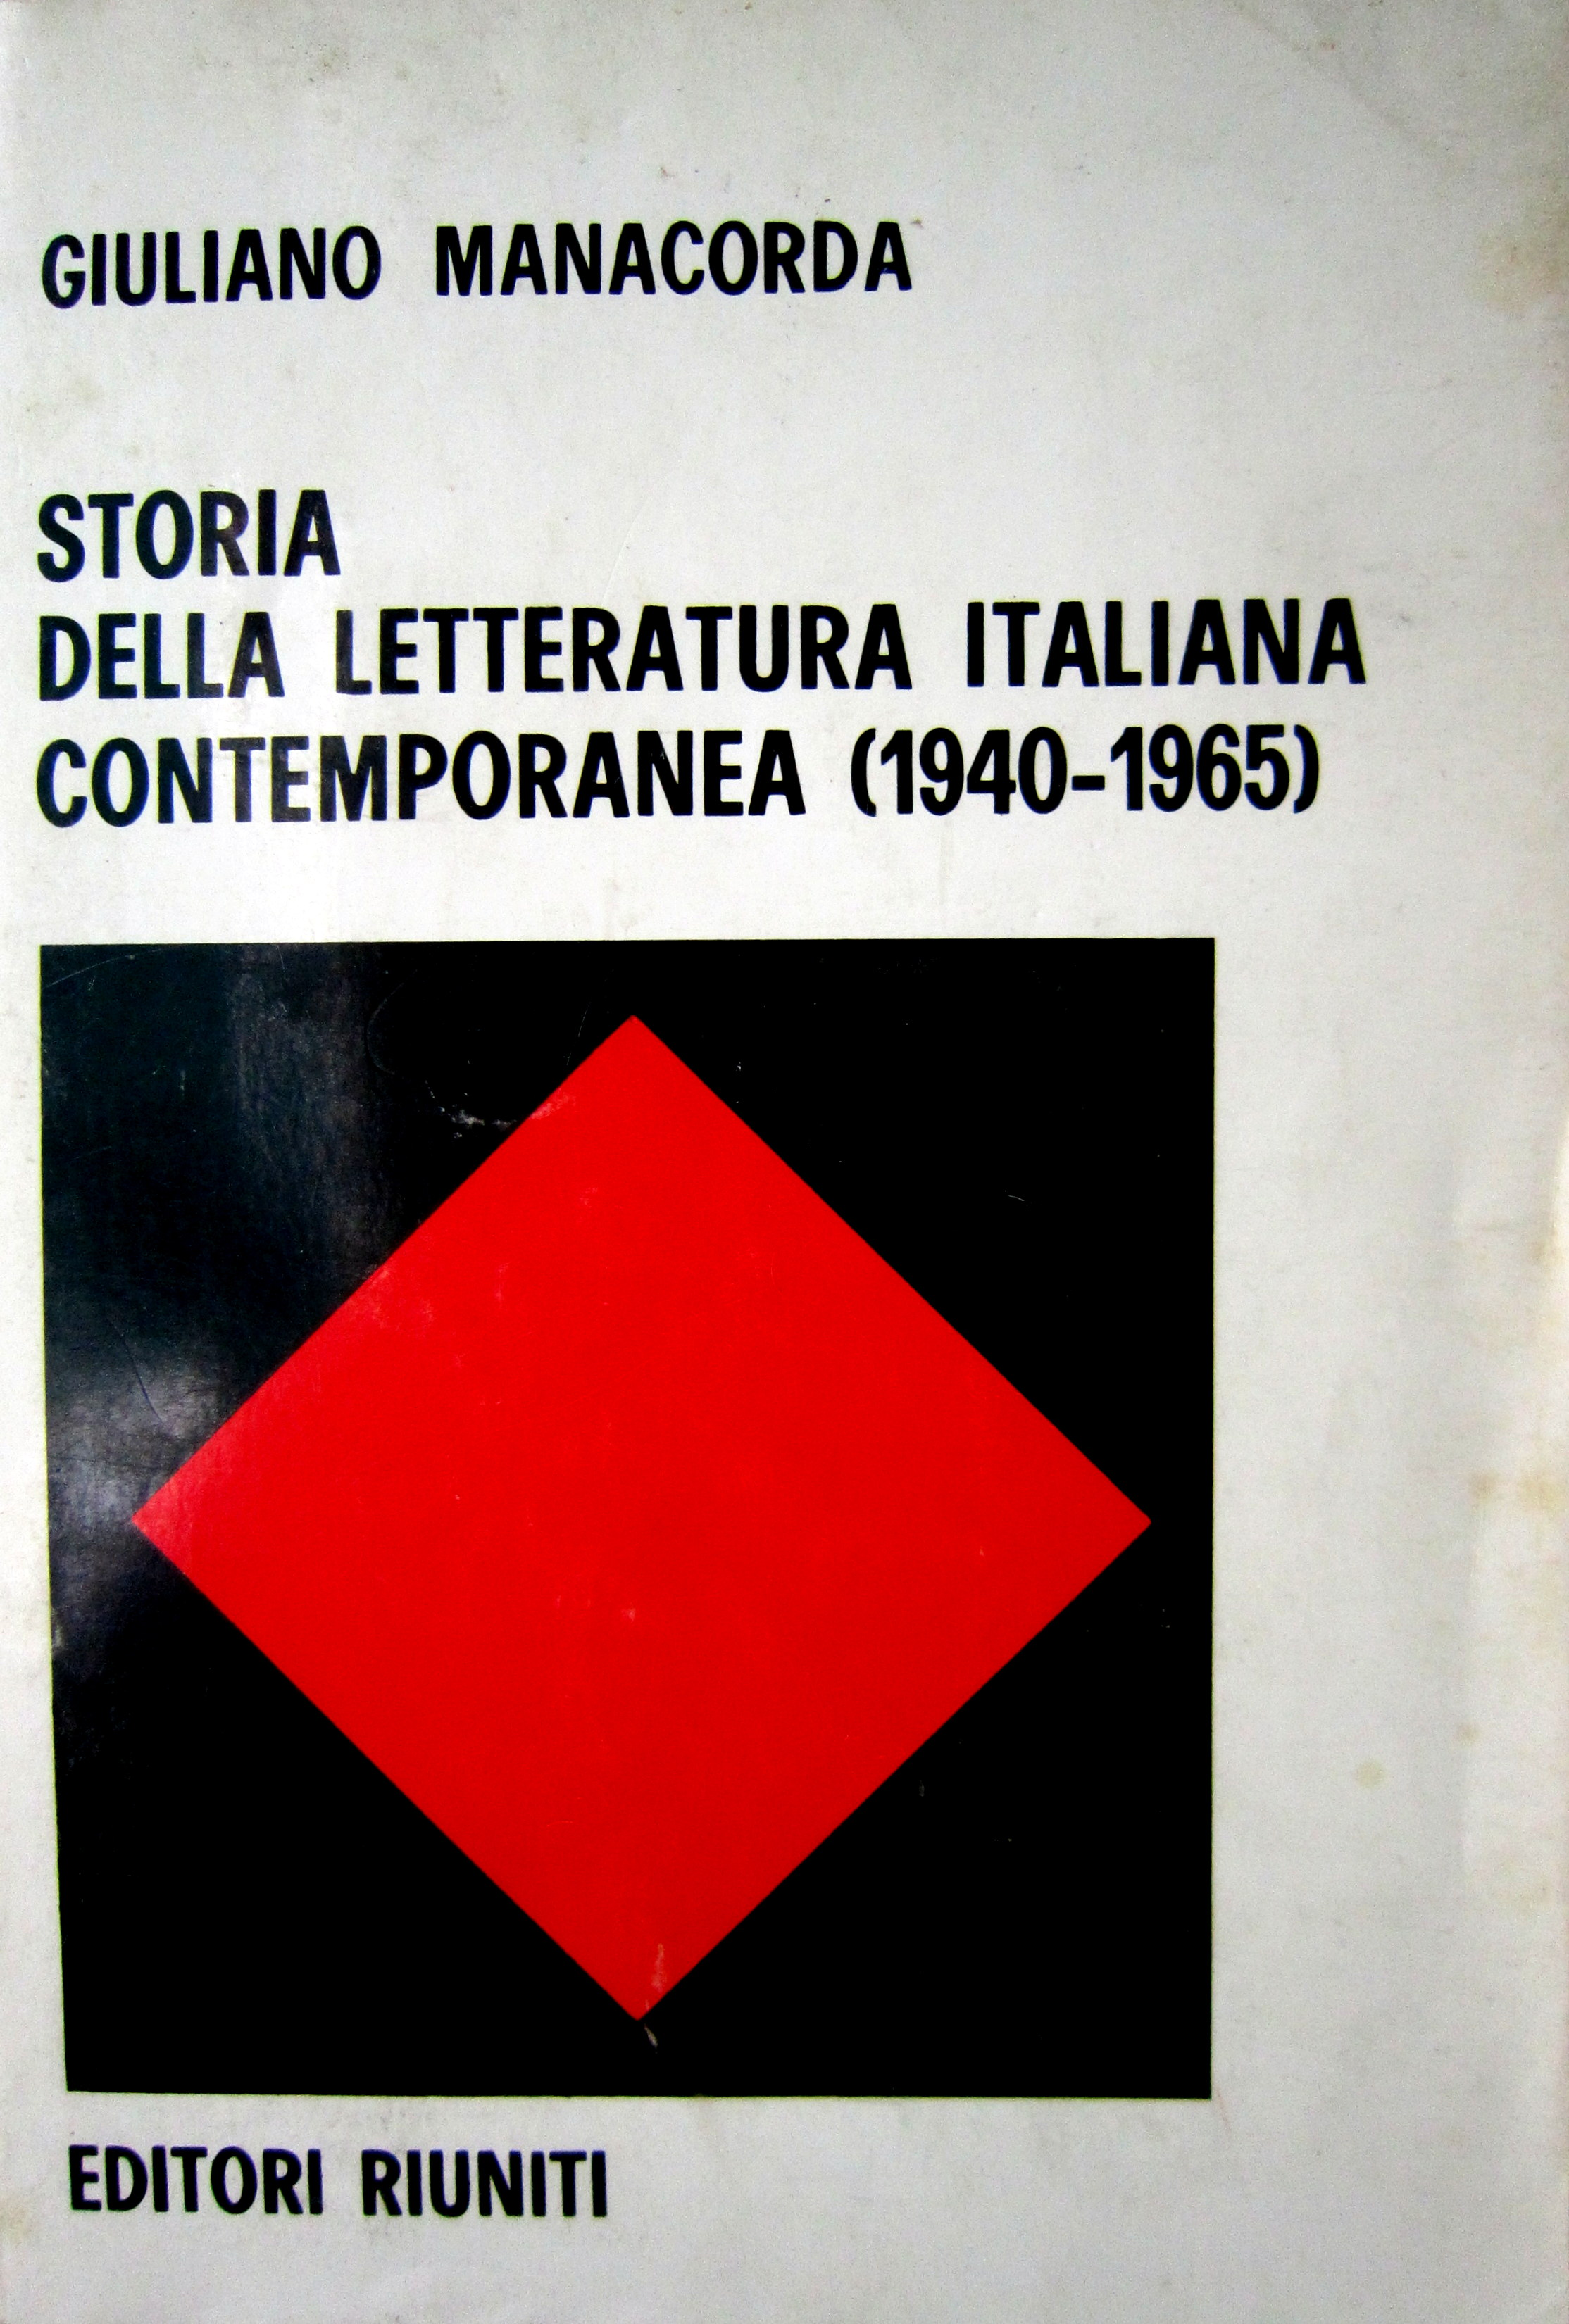 Storia della letteratura italiana contemporanea (1940-1965)